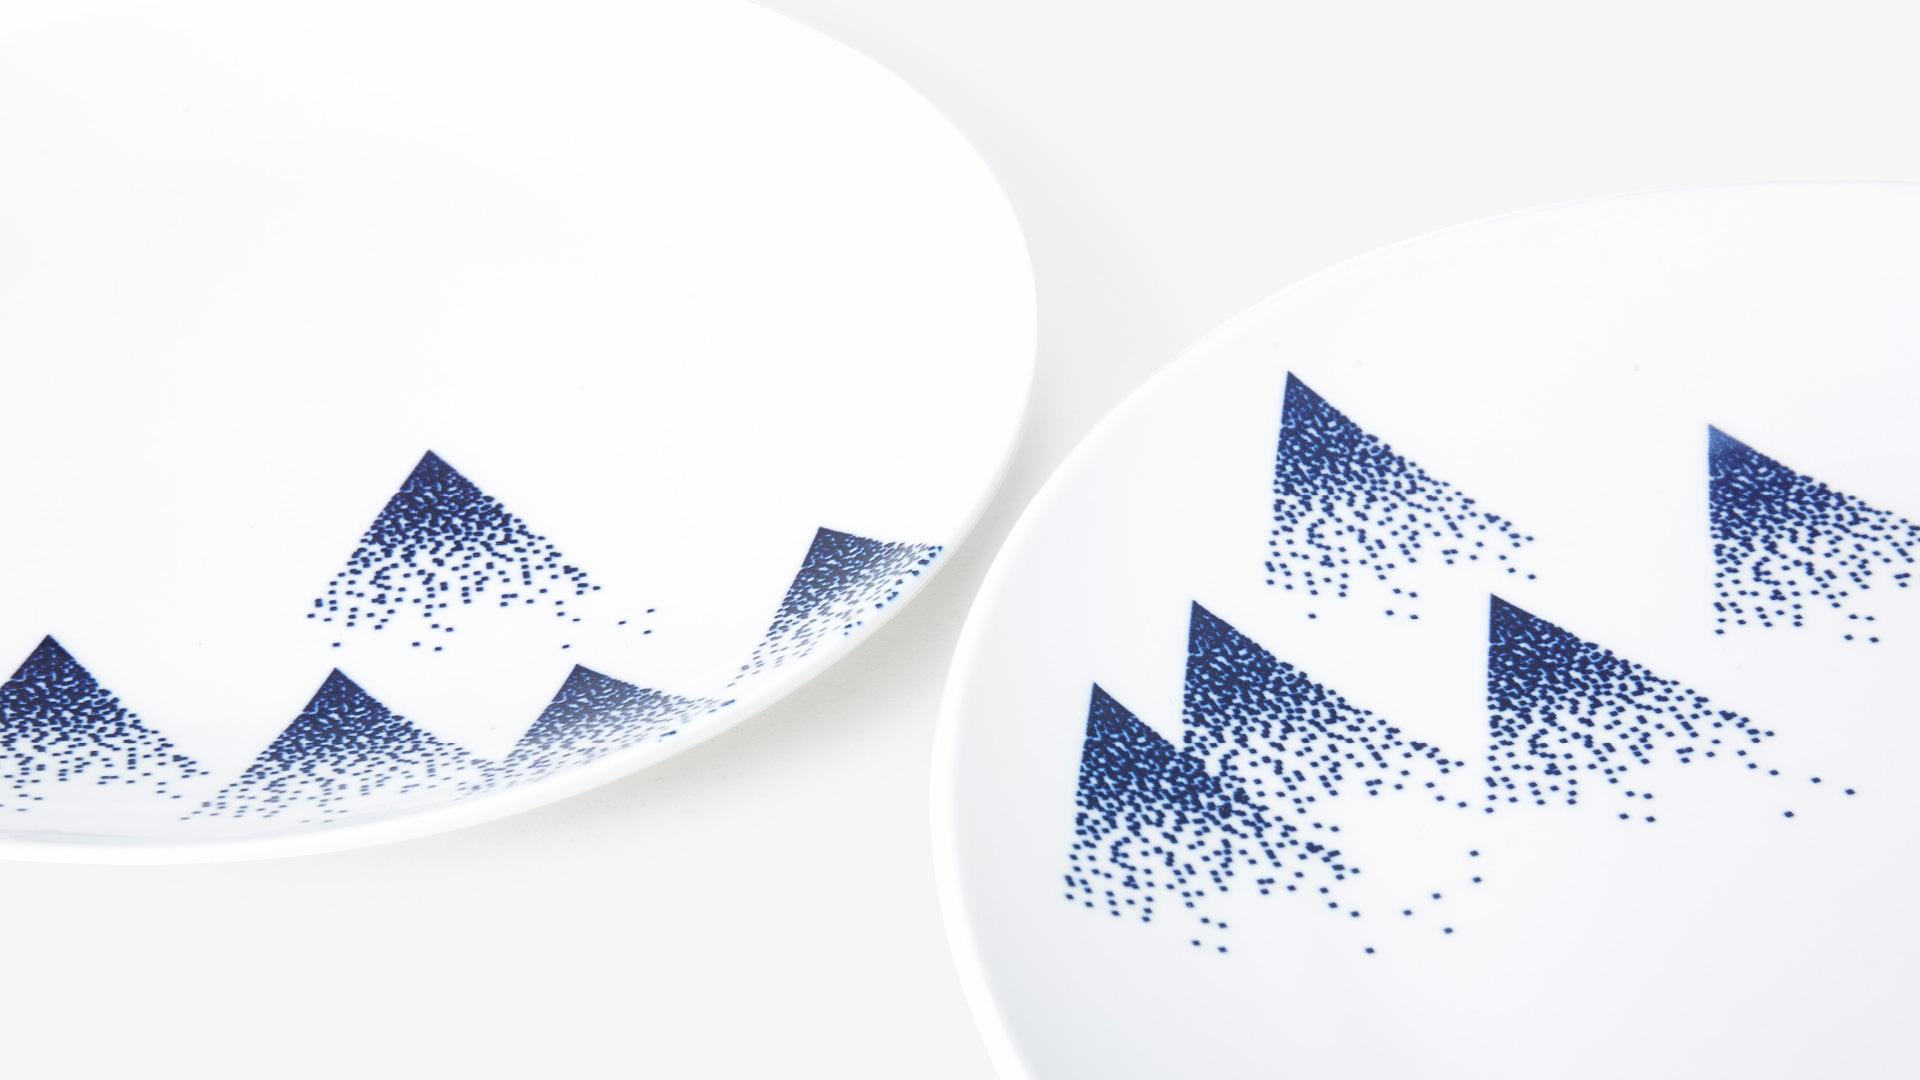 中国传统青花瓷釉下彩绘<br/>淡描细雪,永不褪色